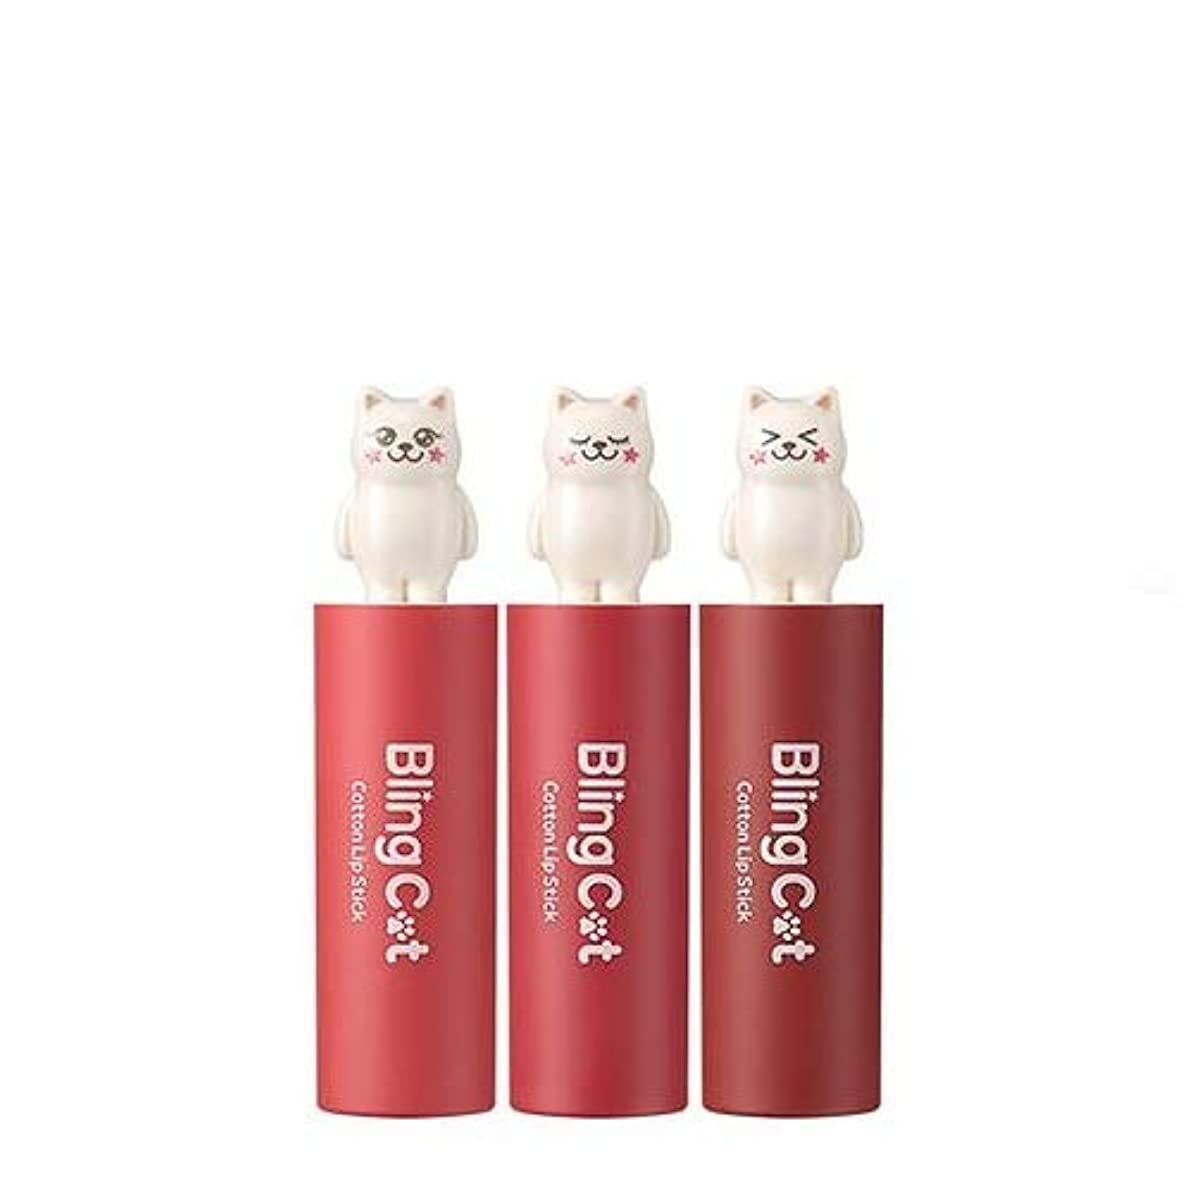 災害ダイアクリティカル投資するトニーモリー ブリングキャット コットン リップスティック 3.4g / TONYMOLY Bling Cat Cotton Lipstick # 04. Little Coral [並行輸入品]